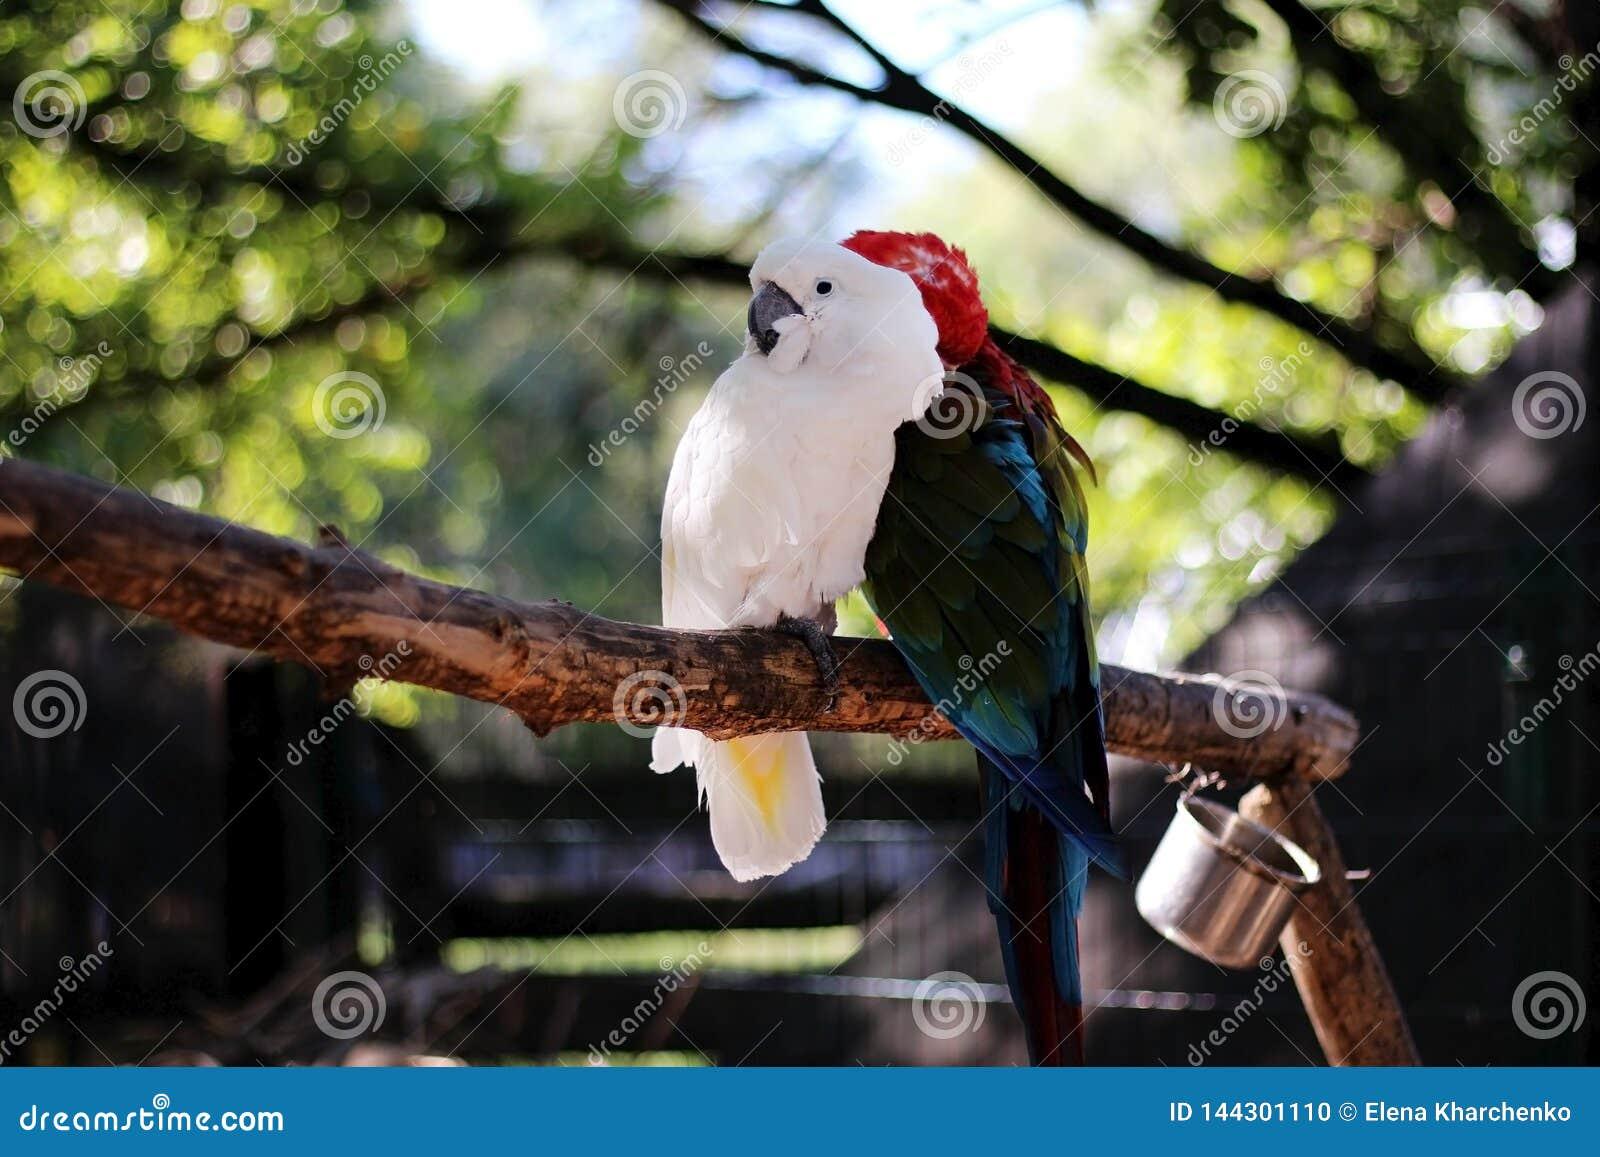 Twee papegaaien zitten op een tak in de dierentuin